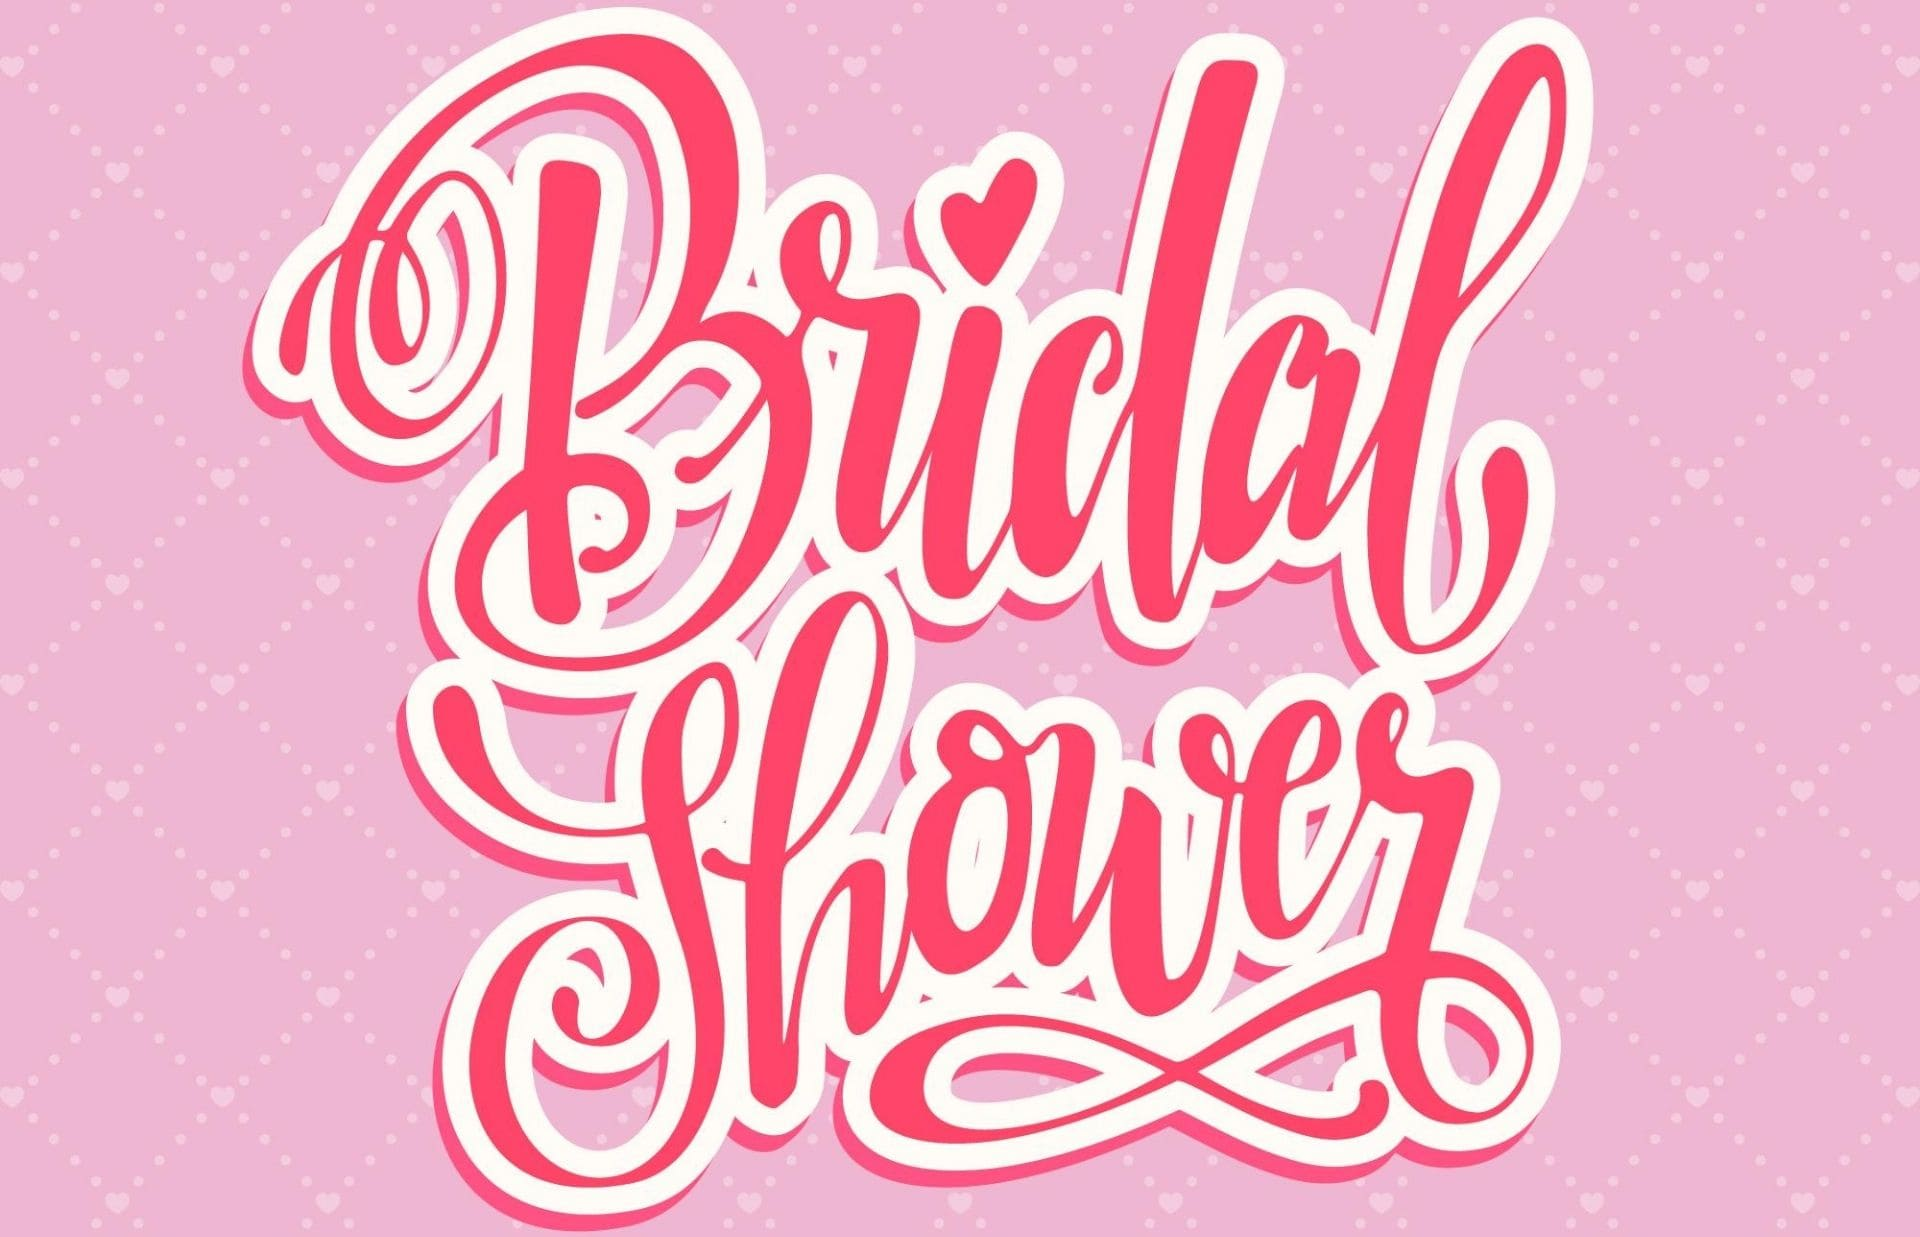 5 Amazing Bridal Shower Ideas #Beverlyhills #beverlyhillsmagazine #bridalshower #celebration #bridalshowerideas #bridalshowerthemes #bridalshowergiftideas #bridalshowervenue